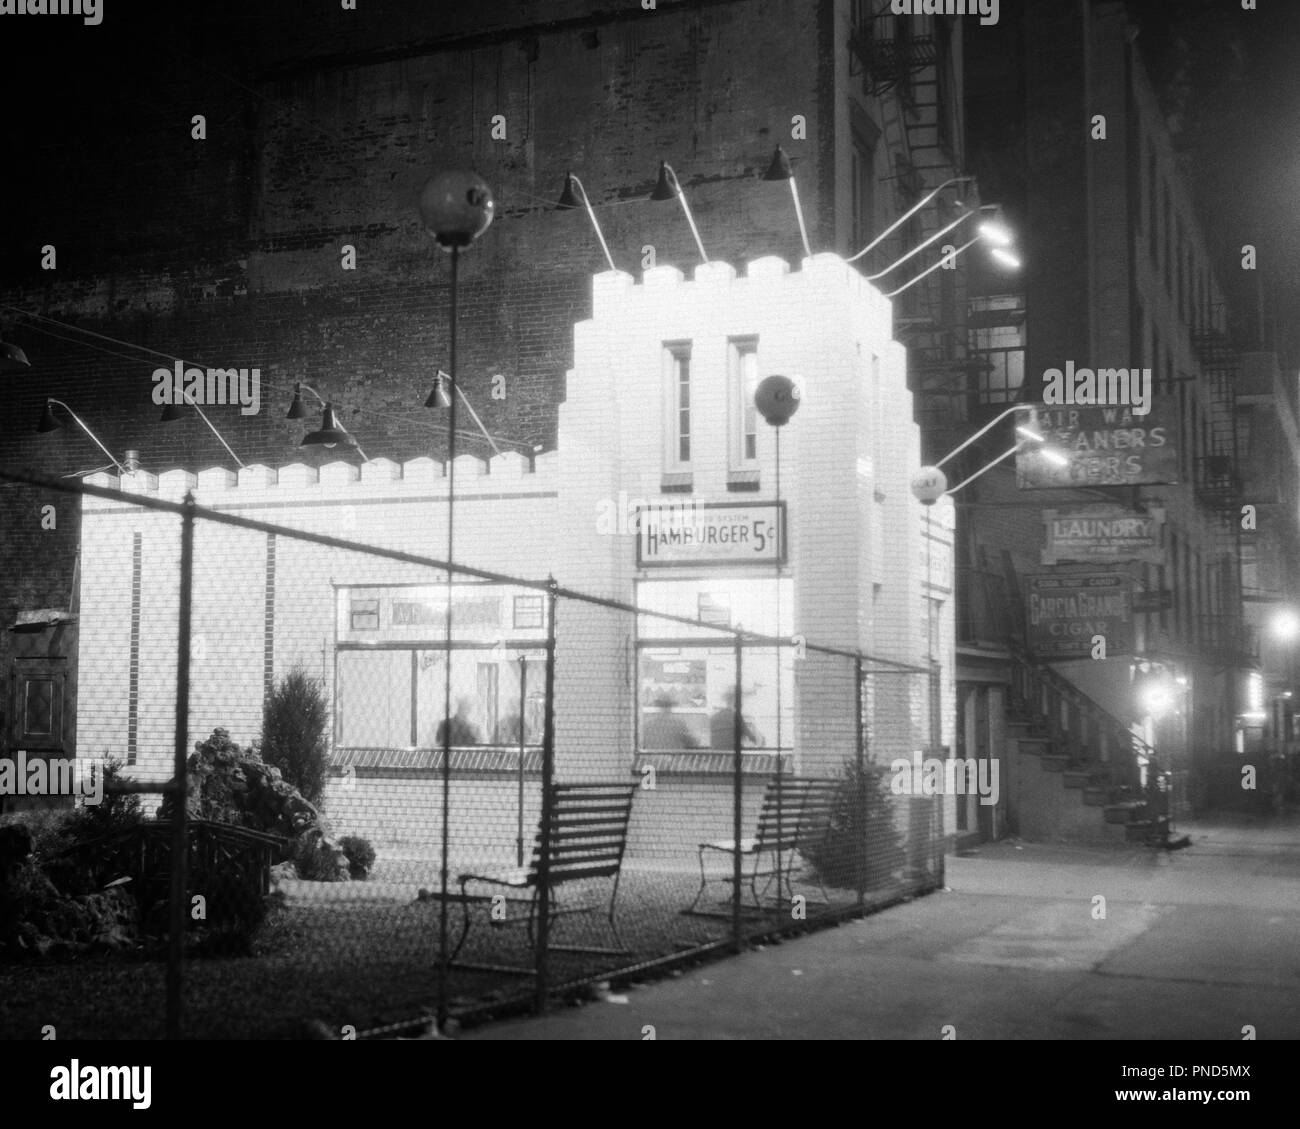 1930 WEST 50TH STREET PRÈS DE CONJOINTE D'HAMBURGER CAPITOL STATION DE BUS REPAS POUR UN NICKEL ET JOUER AU GOLF MINIATURE À CÔTÉ NYC USA - q2231 CPC001 INNOVATION HARS OCCASION PRÈS DE NYC IMMOBILIER PROFESSIONS COMMUNE PRATIQUE NEW YORK VILLES ÉLÉGANTES STRUCTURES NICKEL ÉDIFICE NEW YORK ART DÉCO RELAXATION NOCTURNE 24/7 BIG APPLE À L'ANCIENNE NOIR ET BLANC Banque D'Images